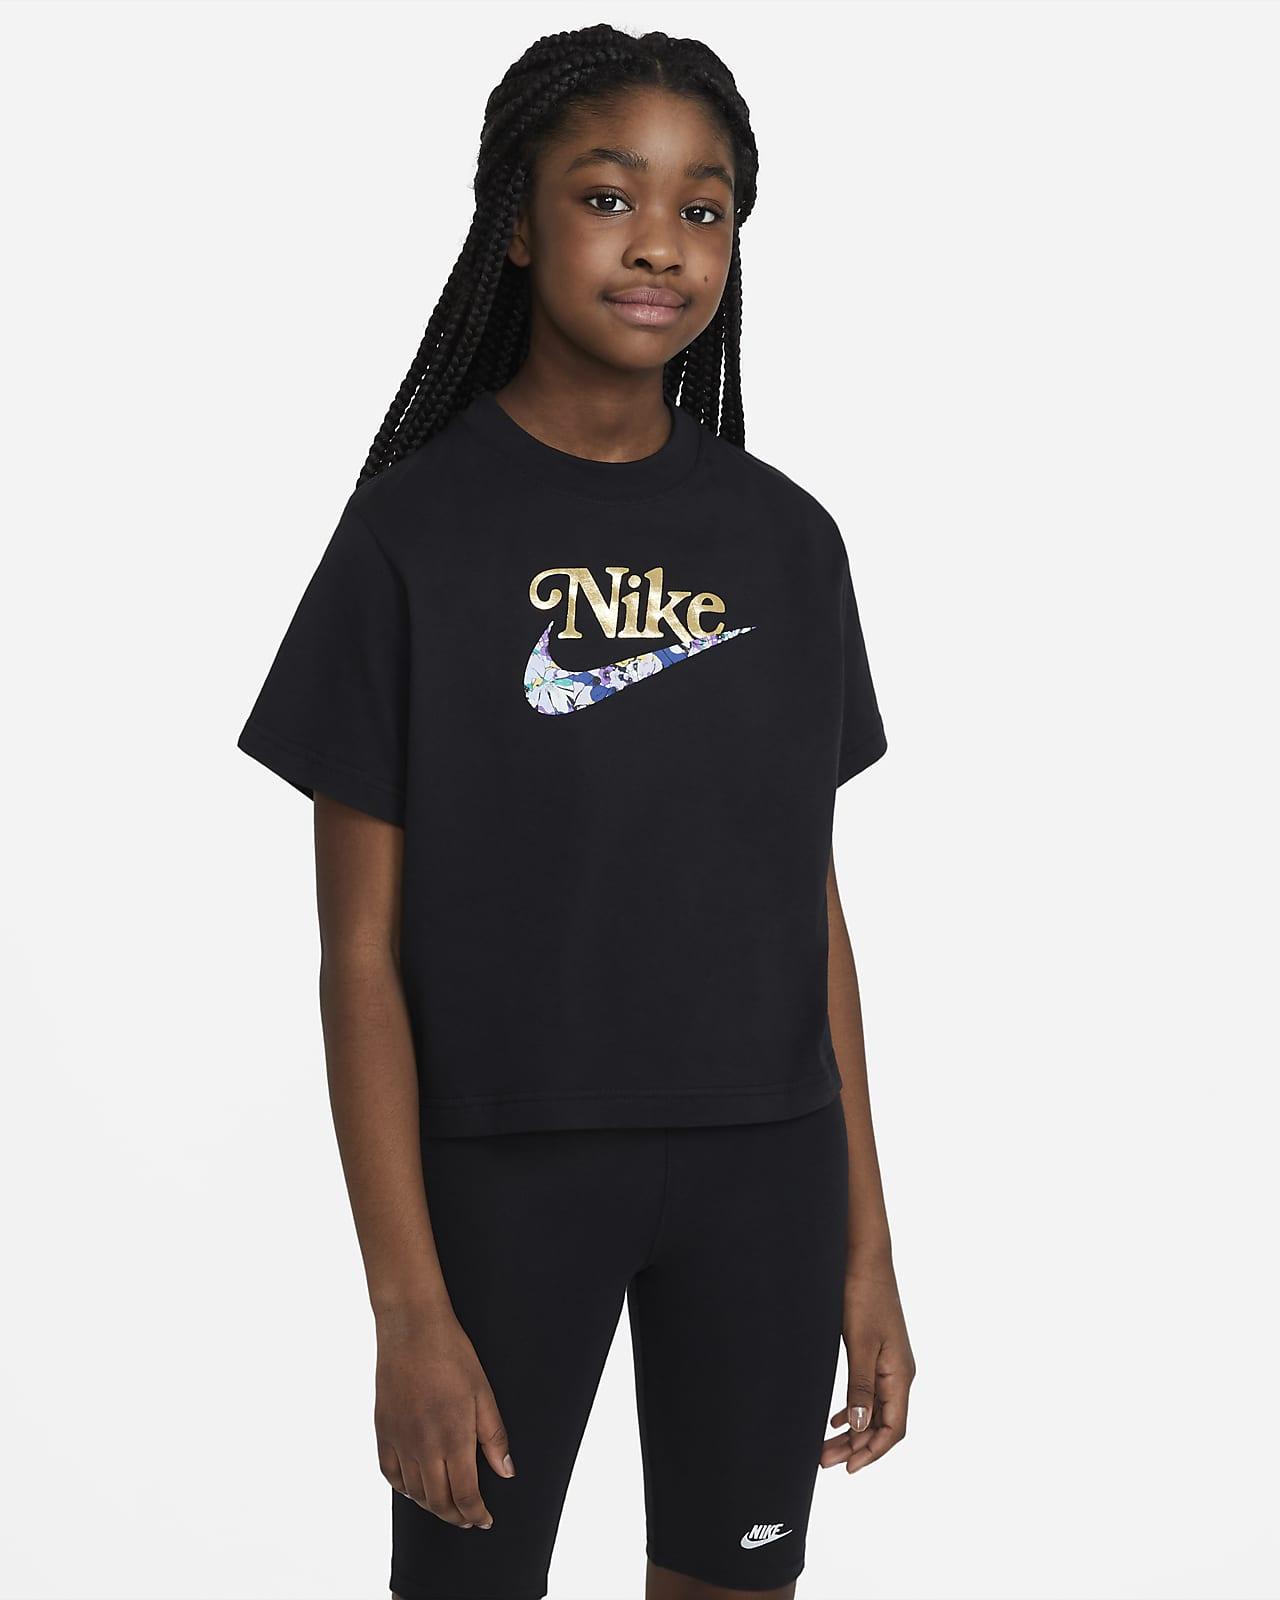 เสื้อยืดเด็กโต Nike Sportswear (หญิง)